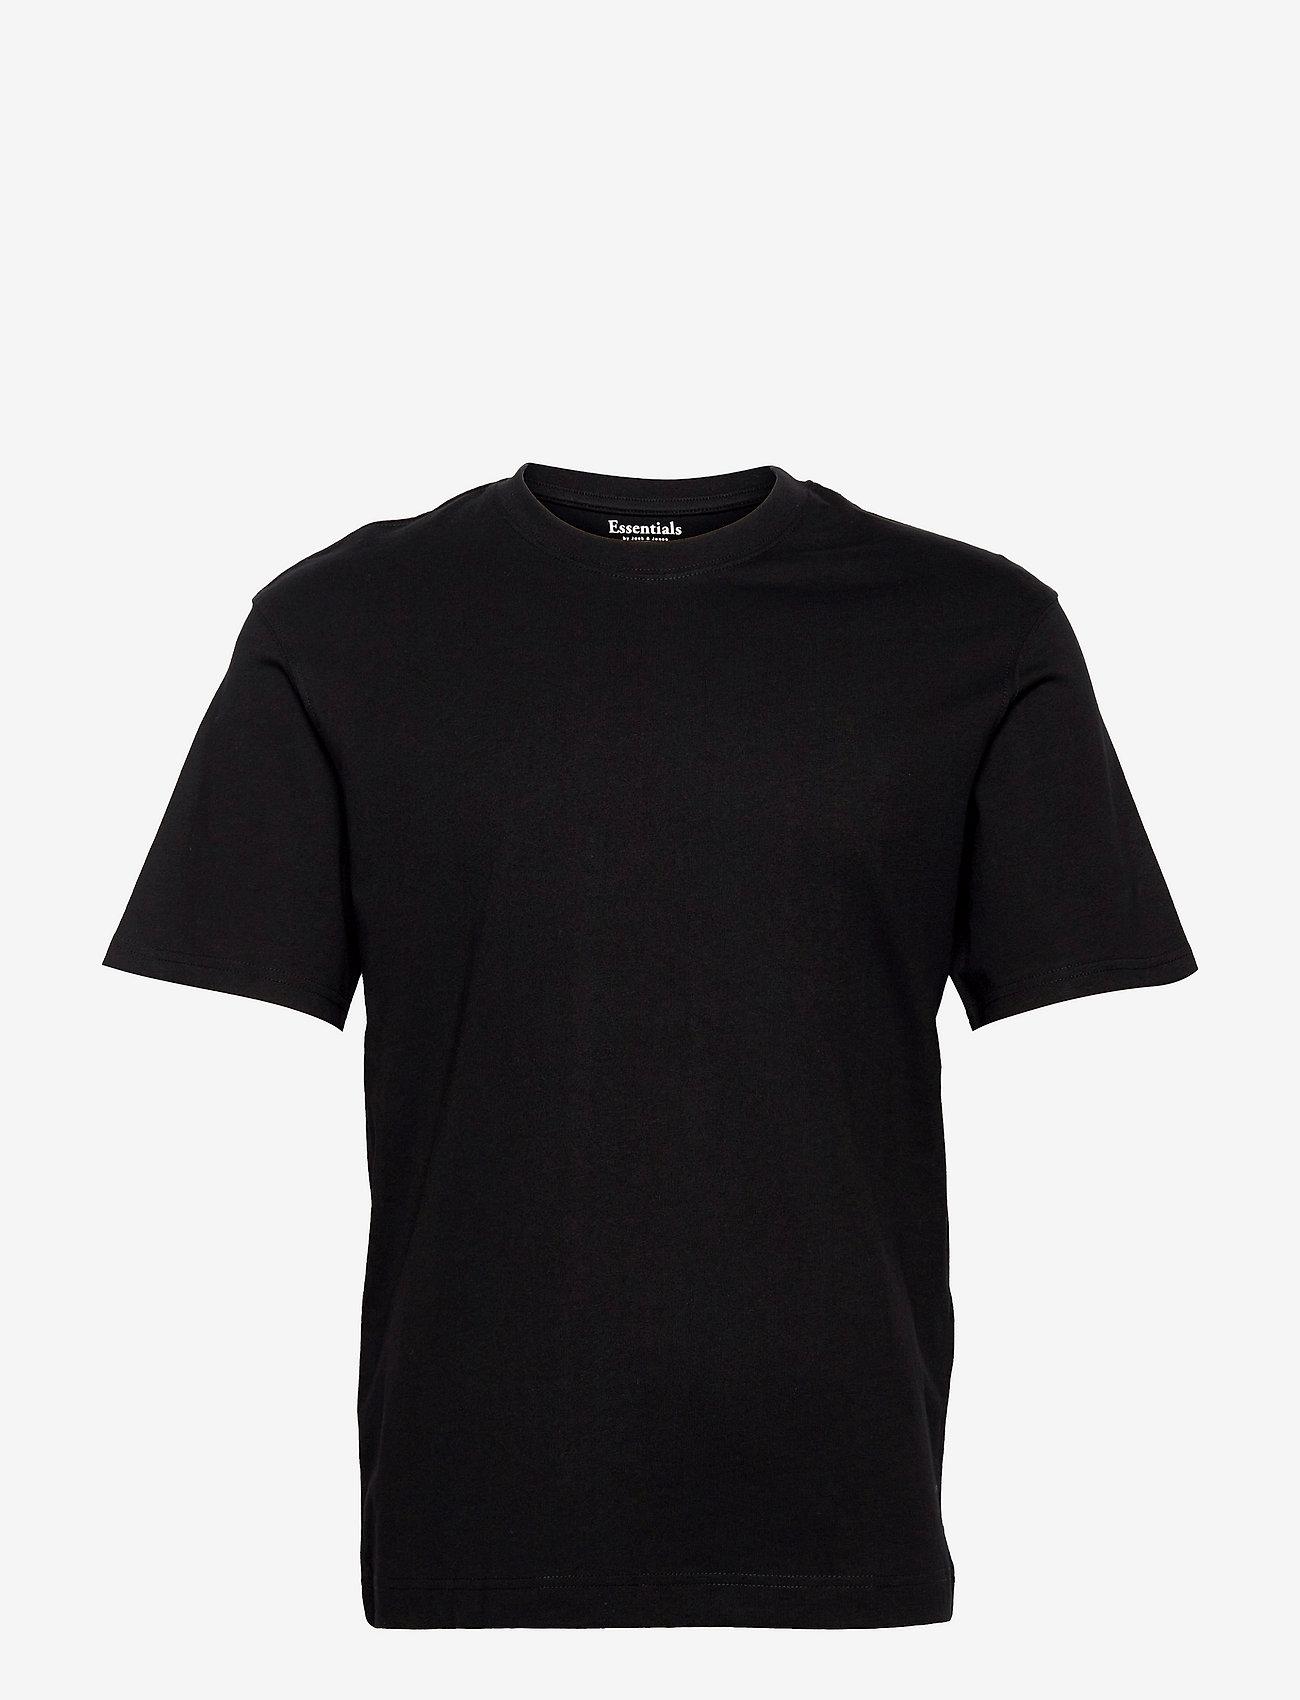 Jack & Jones - JJERELAXED TEE SS O-NECK - basic t-shirts - black - 0